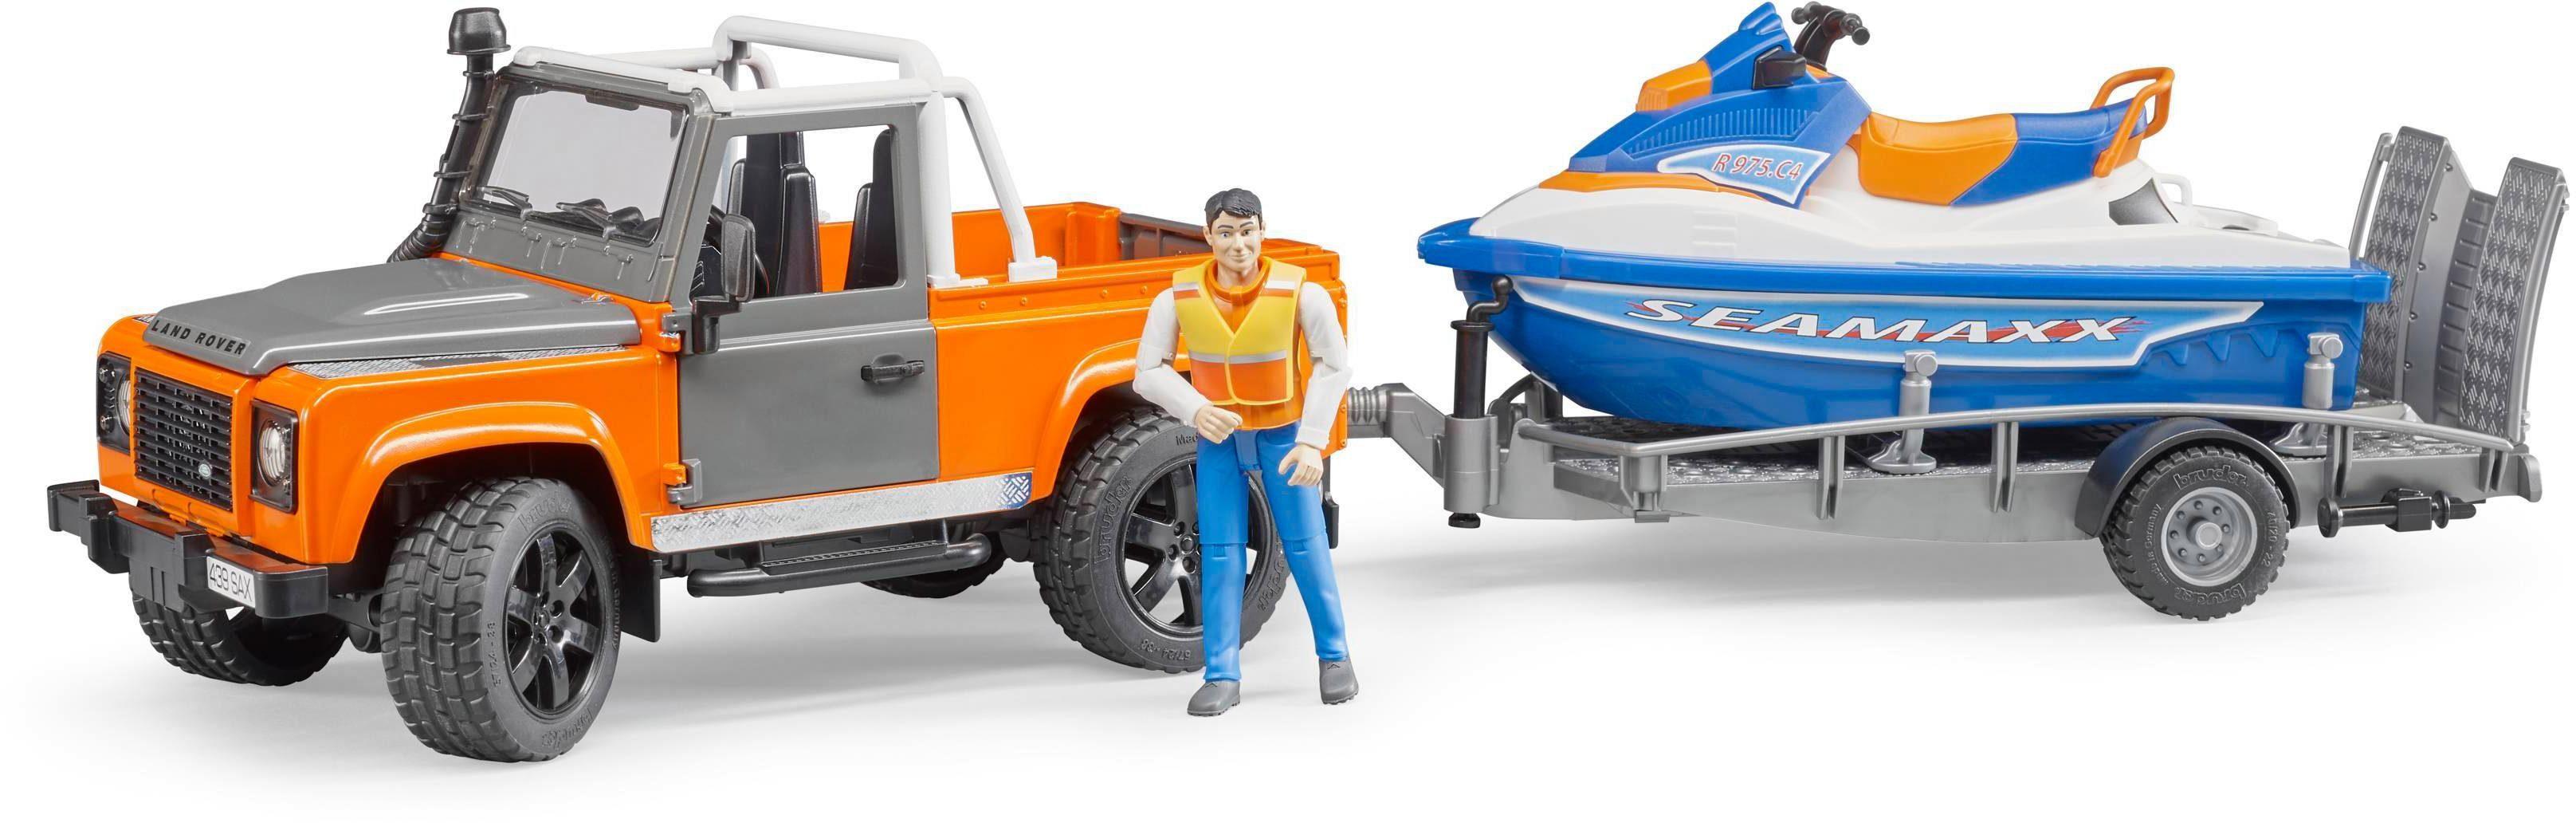 bruder® Spielfahrzeug mit Anhänger und Boot 02599, »Land Rover Defender Station Wagon mit Anhänger, Personal Watercraft«